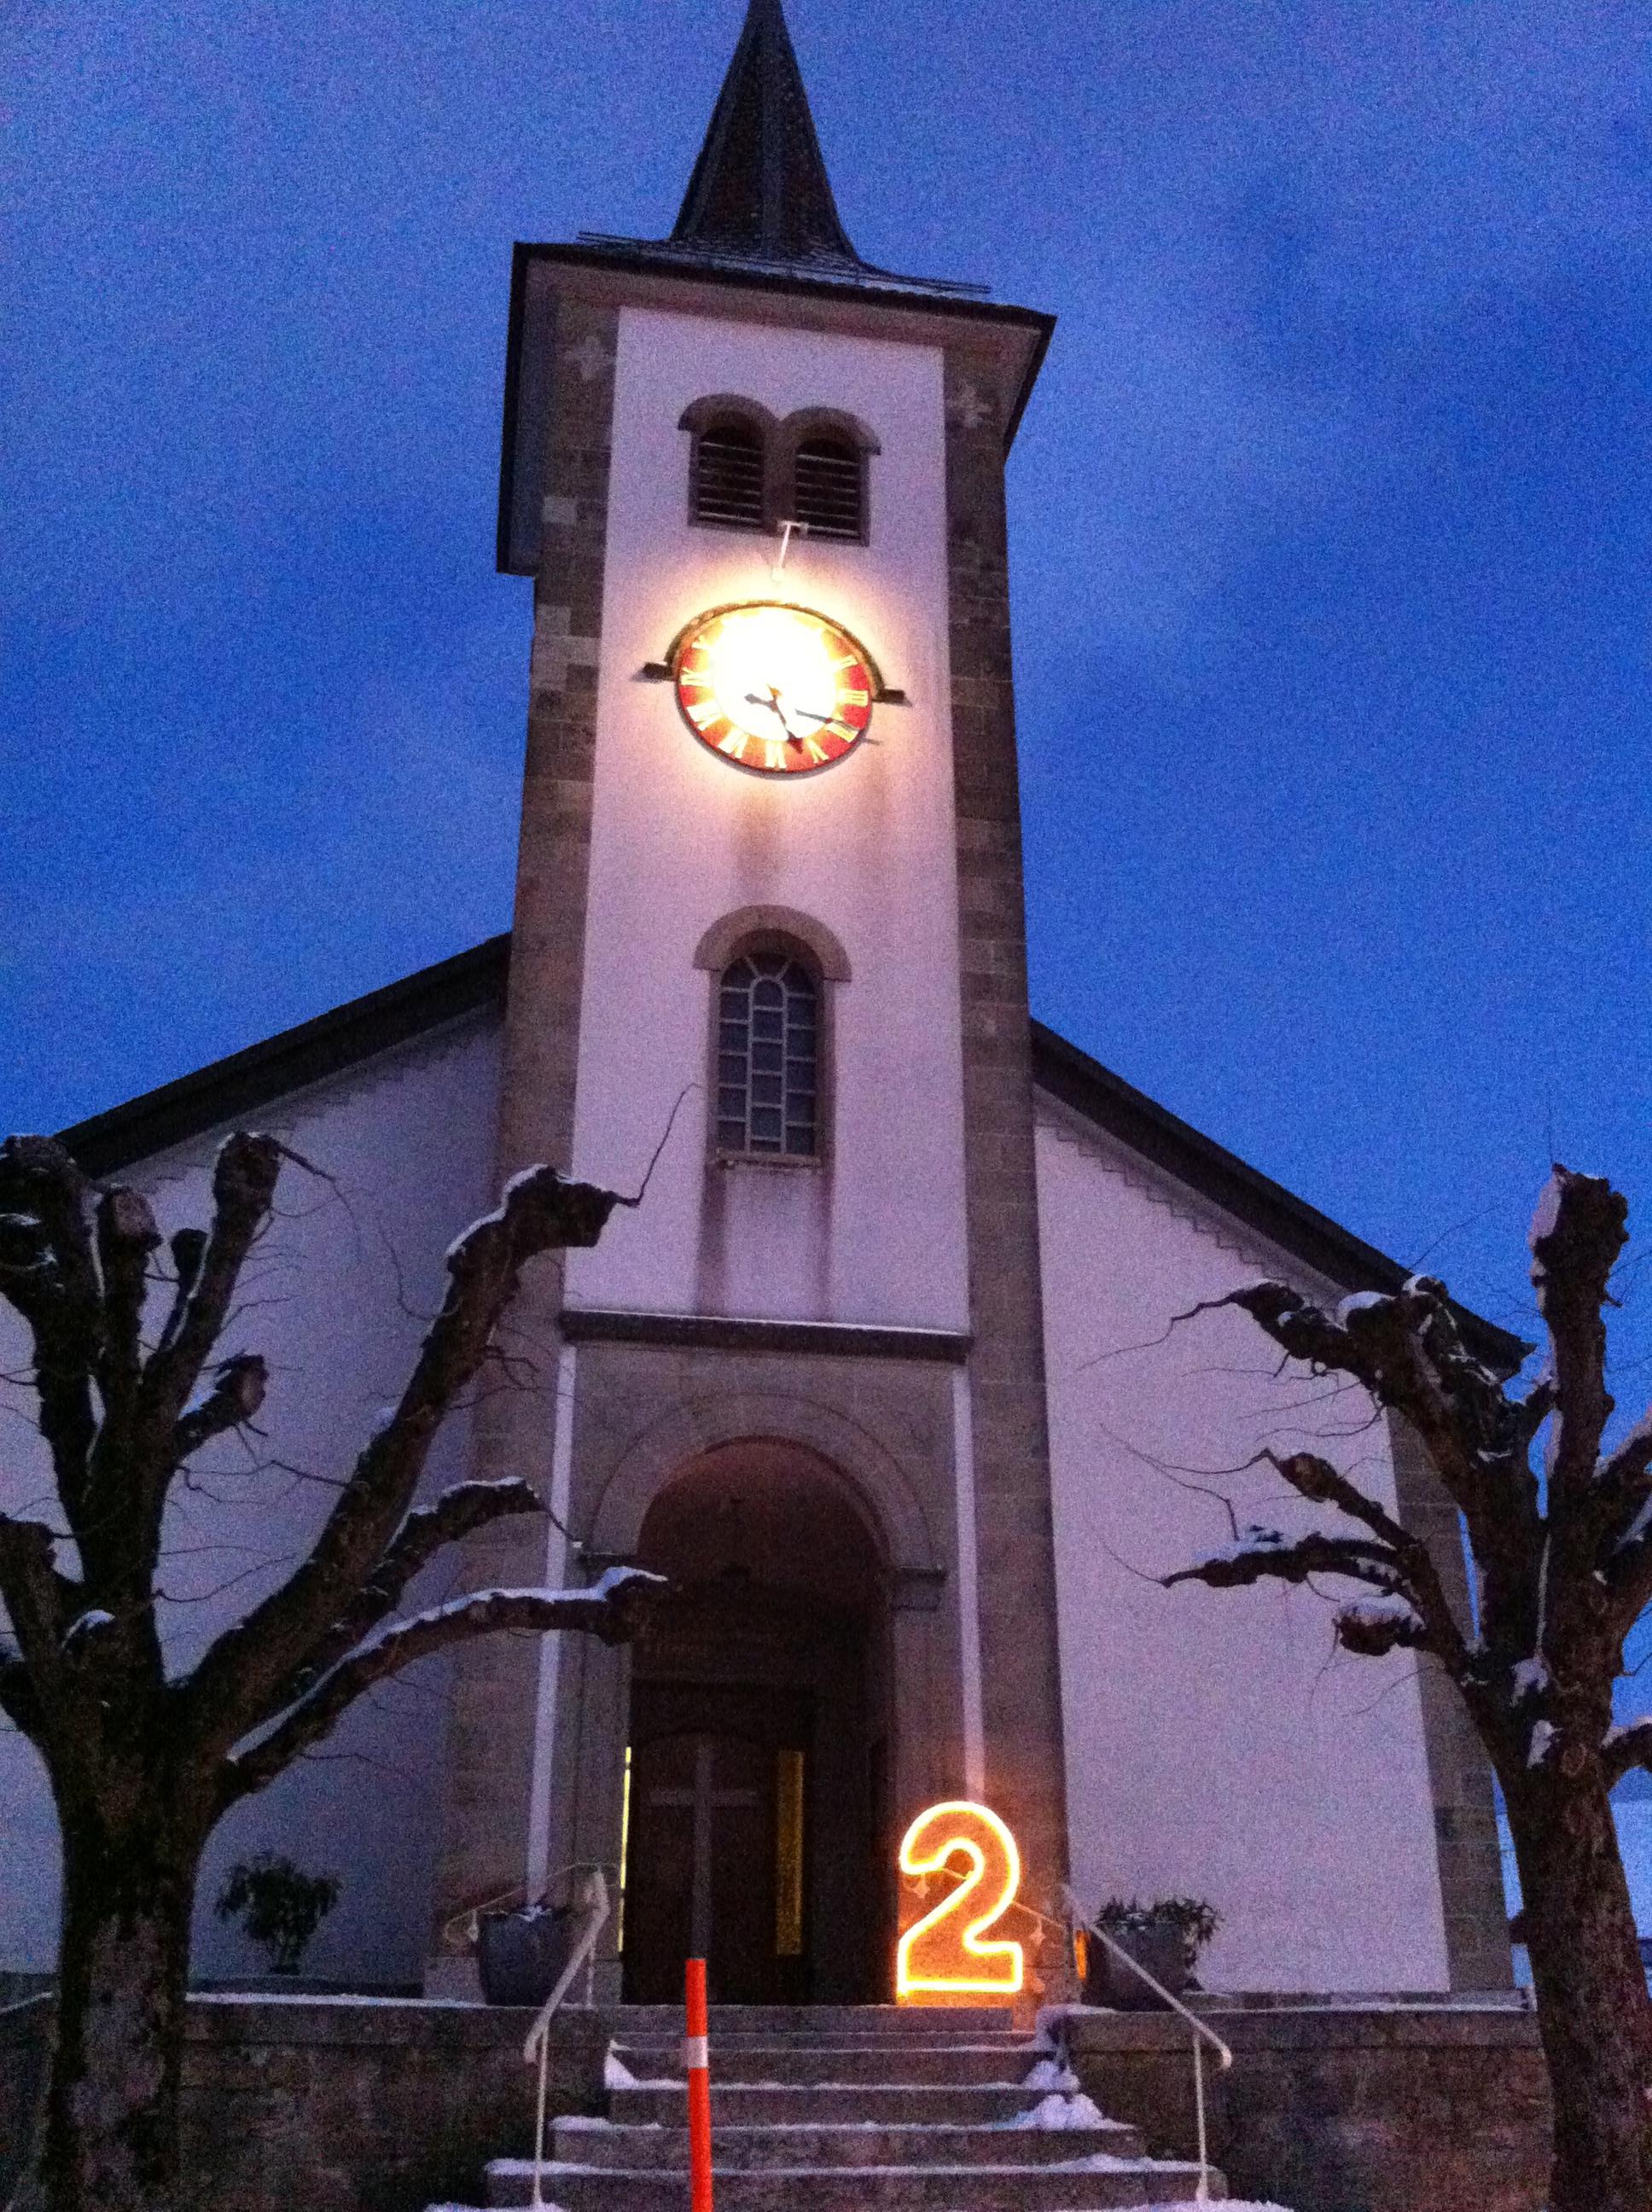 Lancement de la quatrième édition des Fenêtres de l'Avent à Forel (Lavaux)